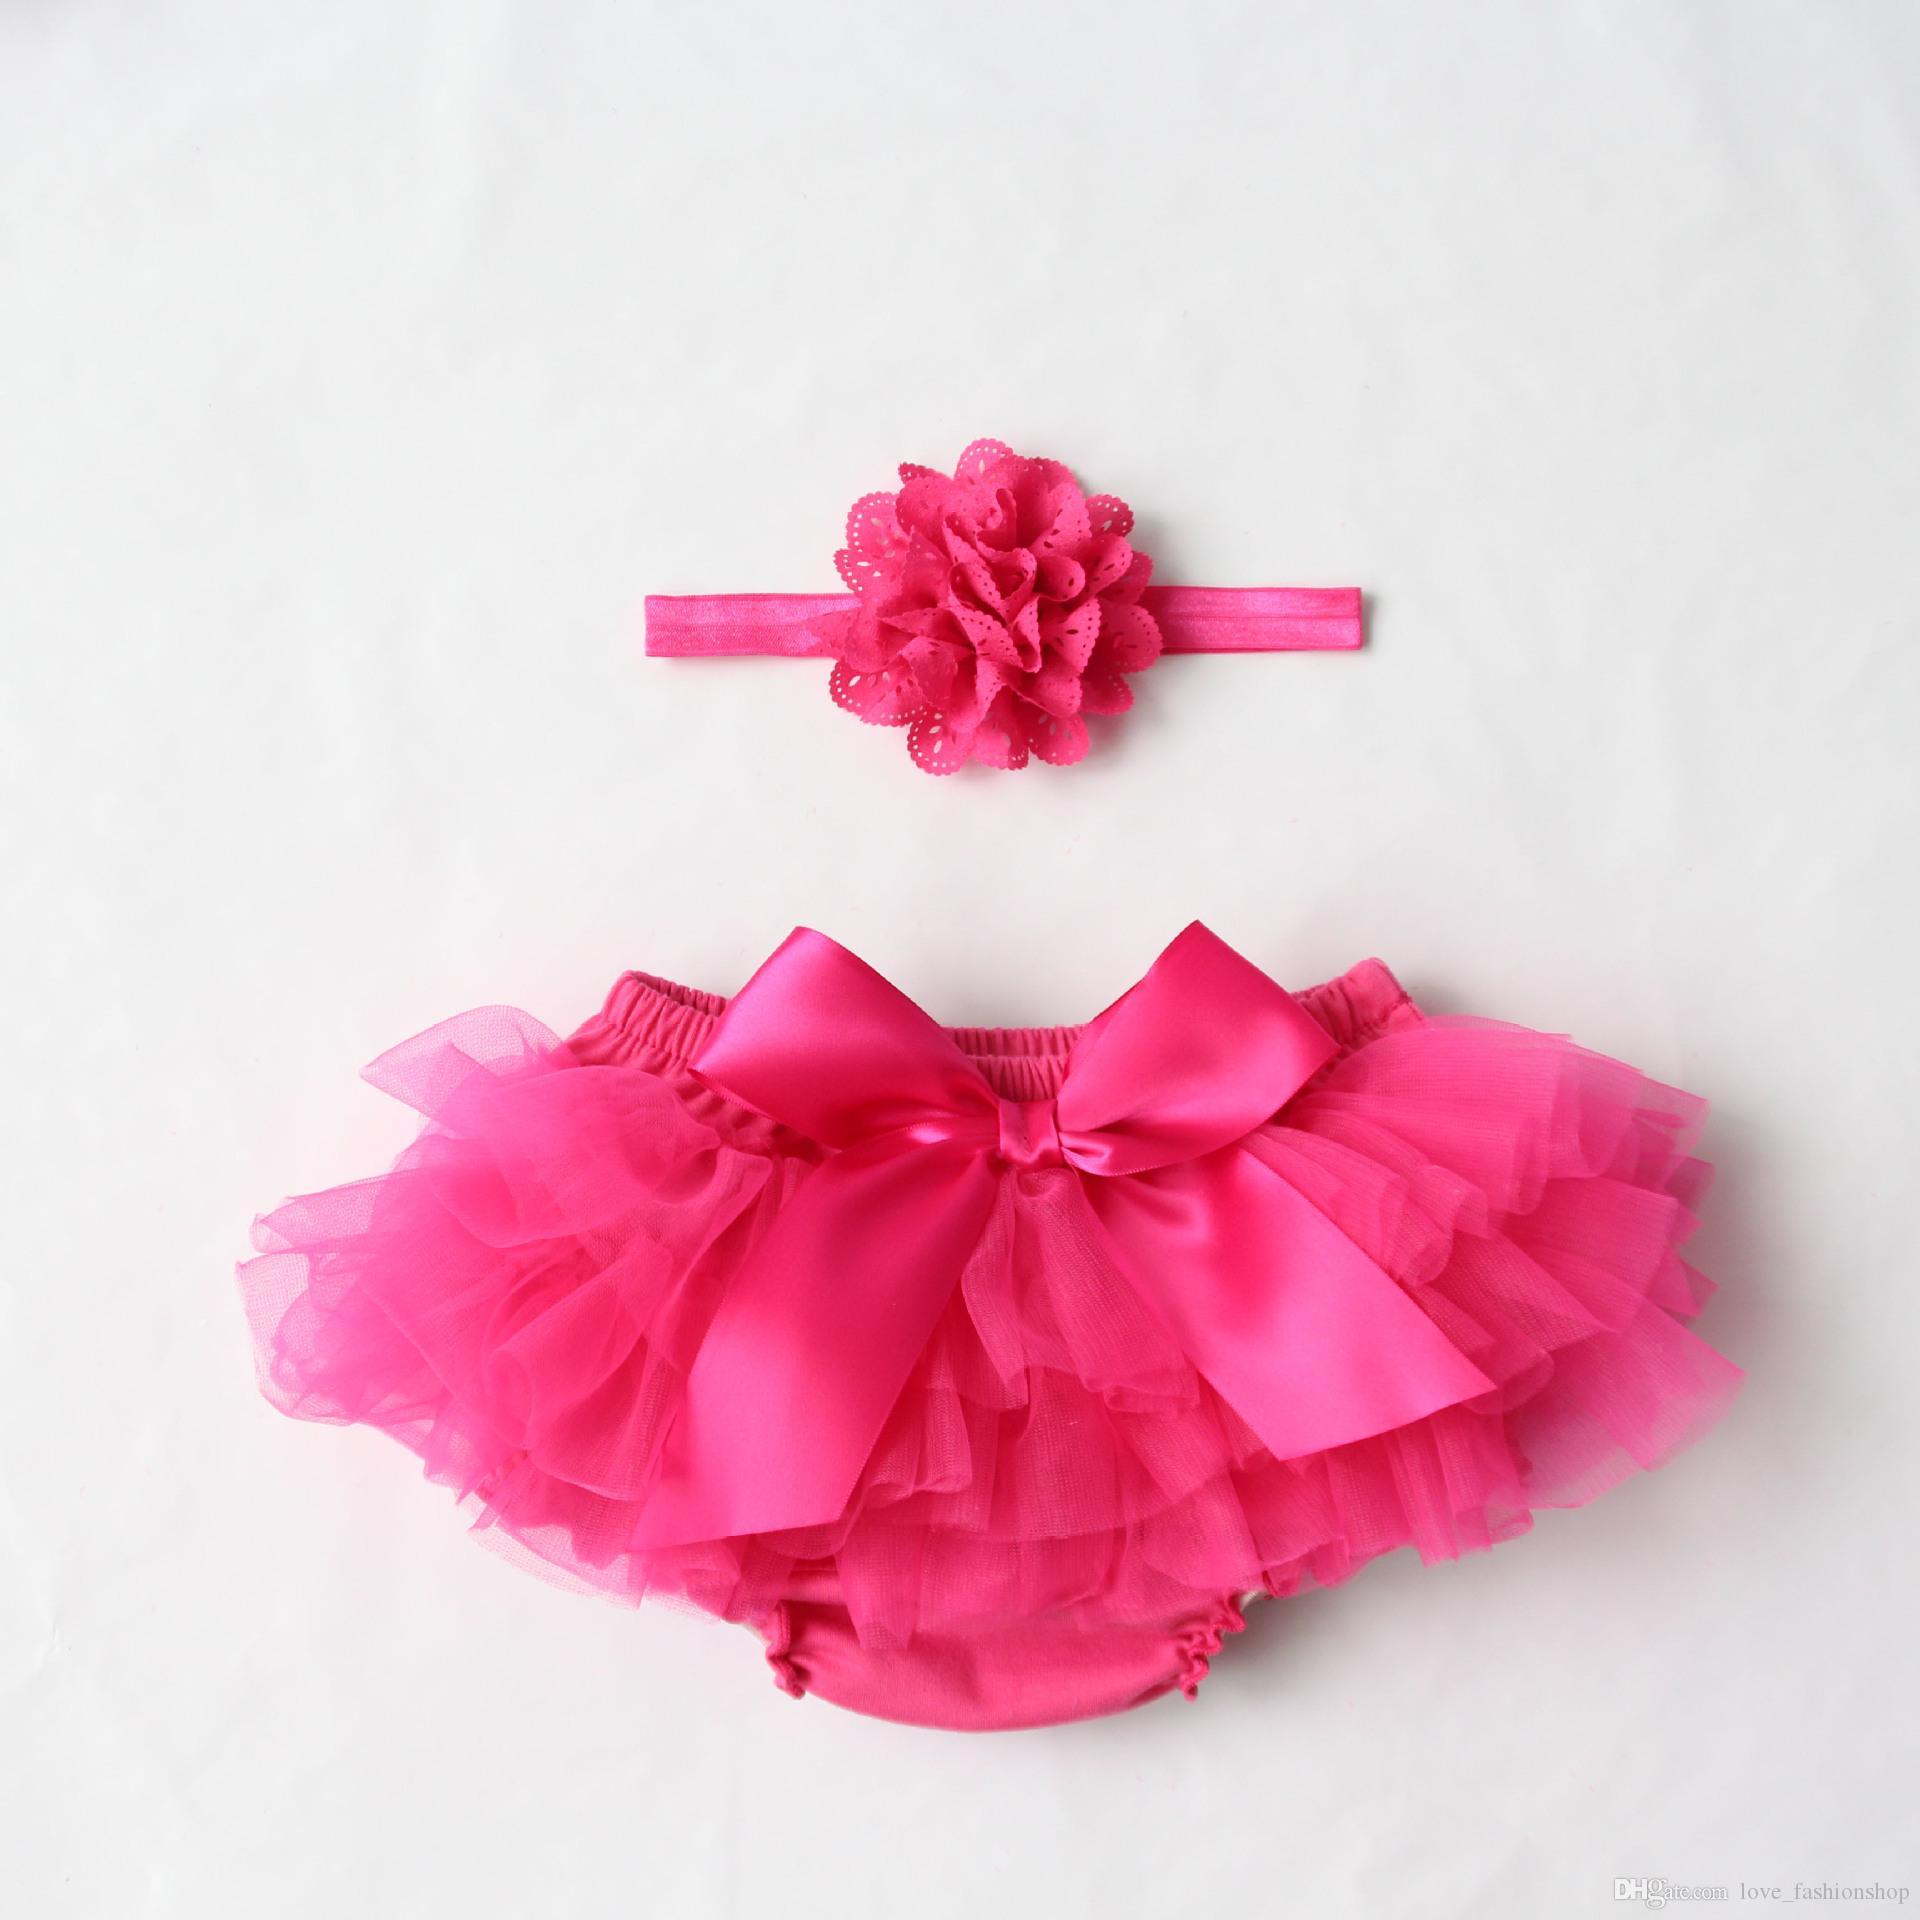 Mix 10 couleurs Baby Girls Mesh TUTU Bloomers Sets fleurs en tissu pantalon Bandeaux enfants Sous-vêtements pour bébés PP Vêtements pour enfants